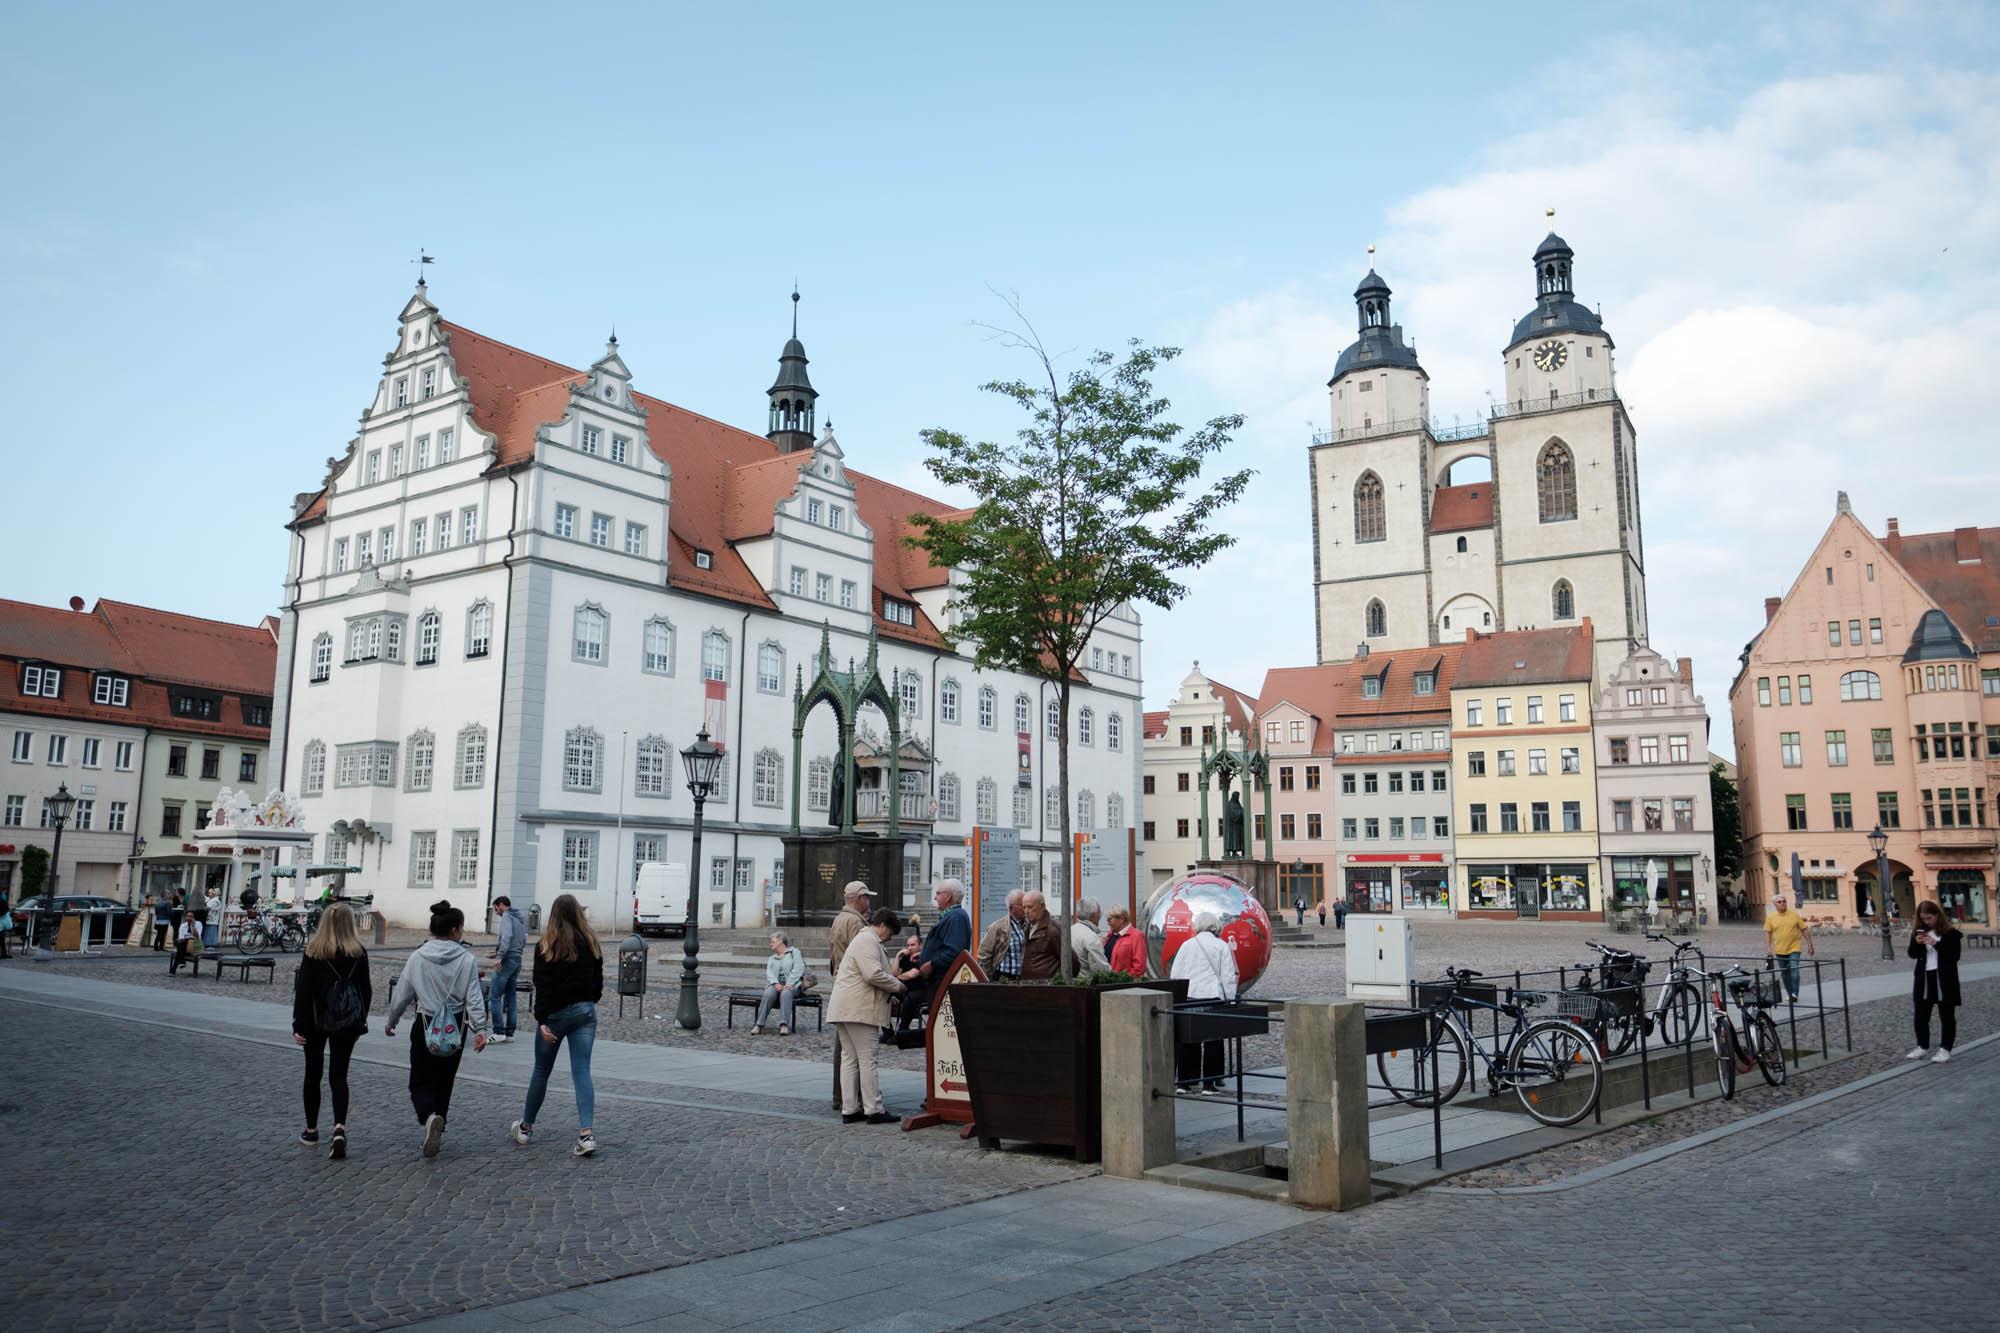 Marktplatz Lutterstadt Wittenberg